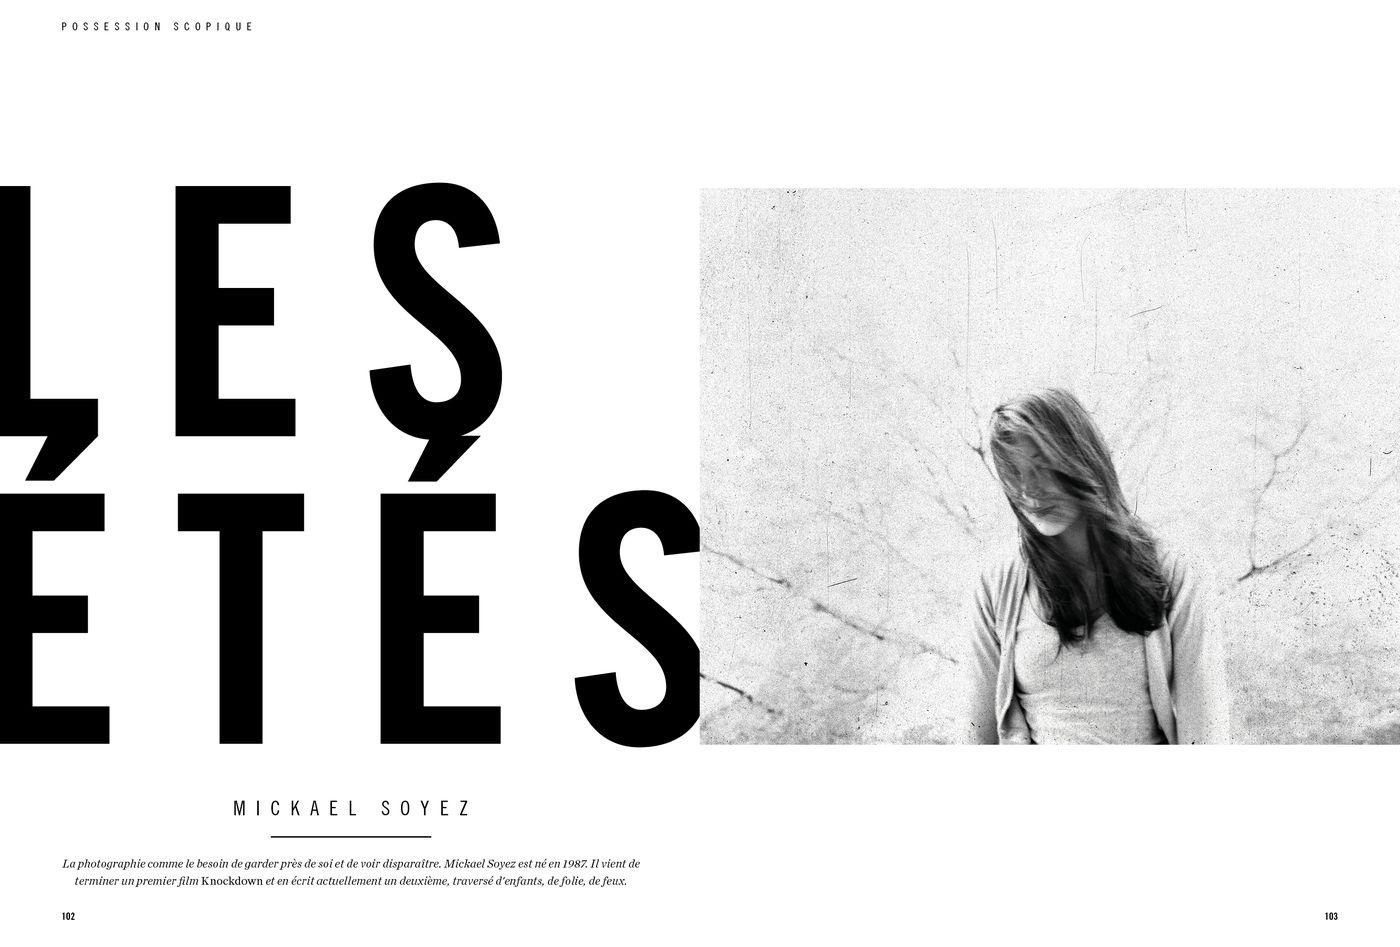 Possession Immédiate Volume 5 - Photographies de Mickael Soyez, Les Étés